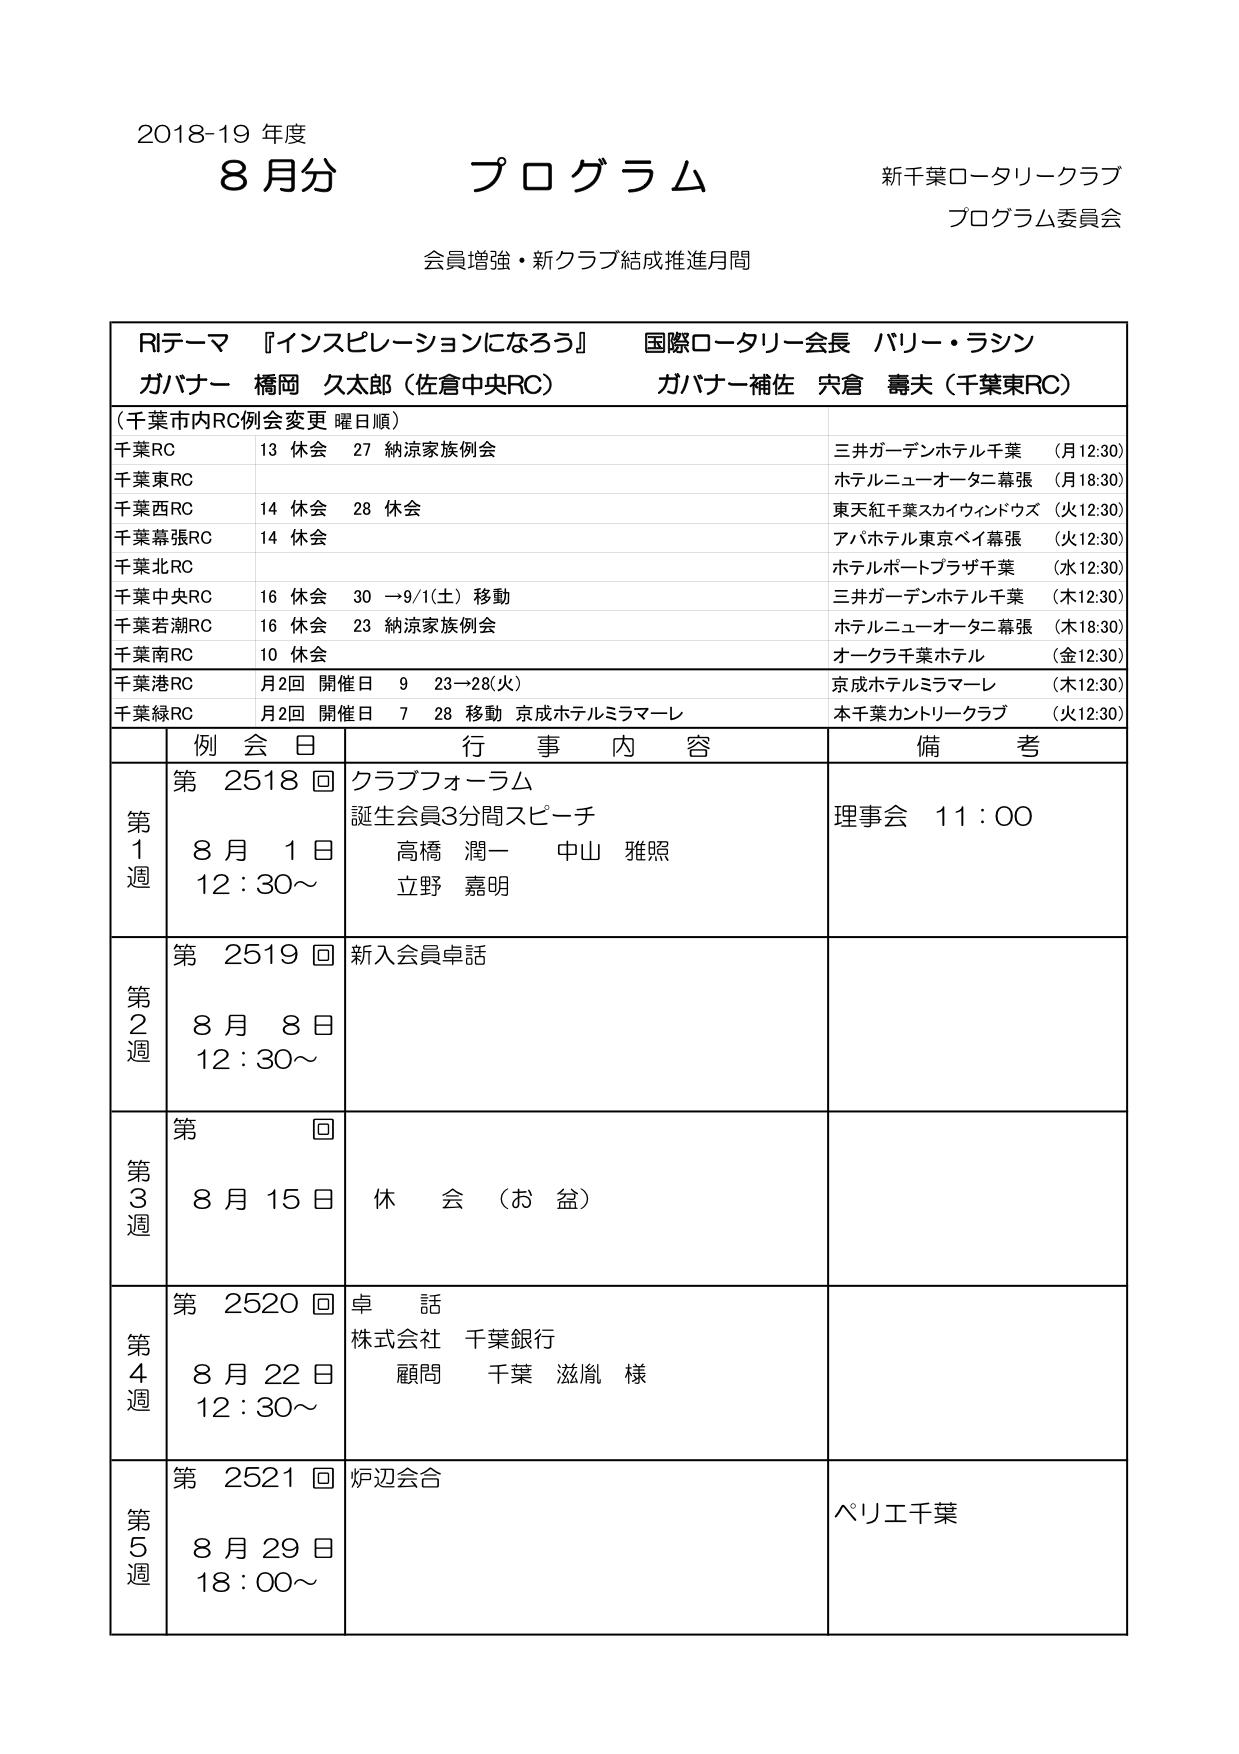 月プログラム18-19